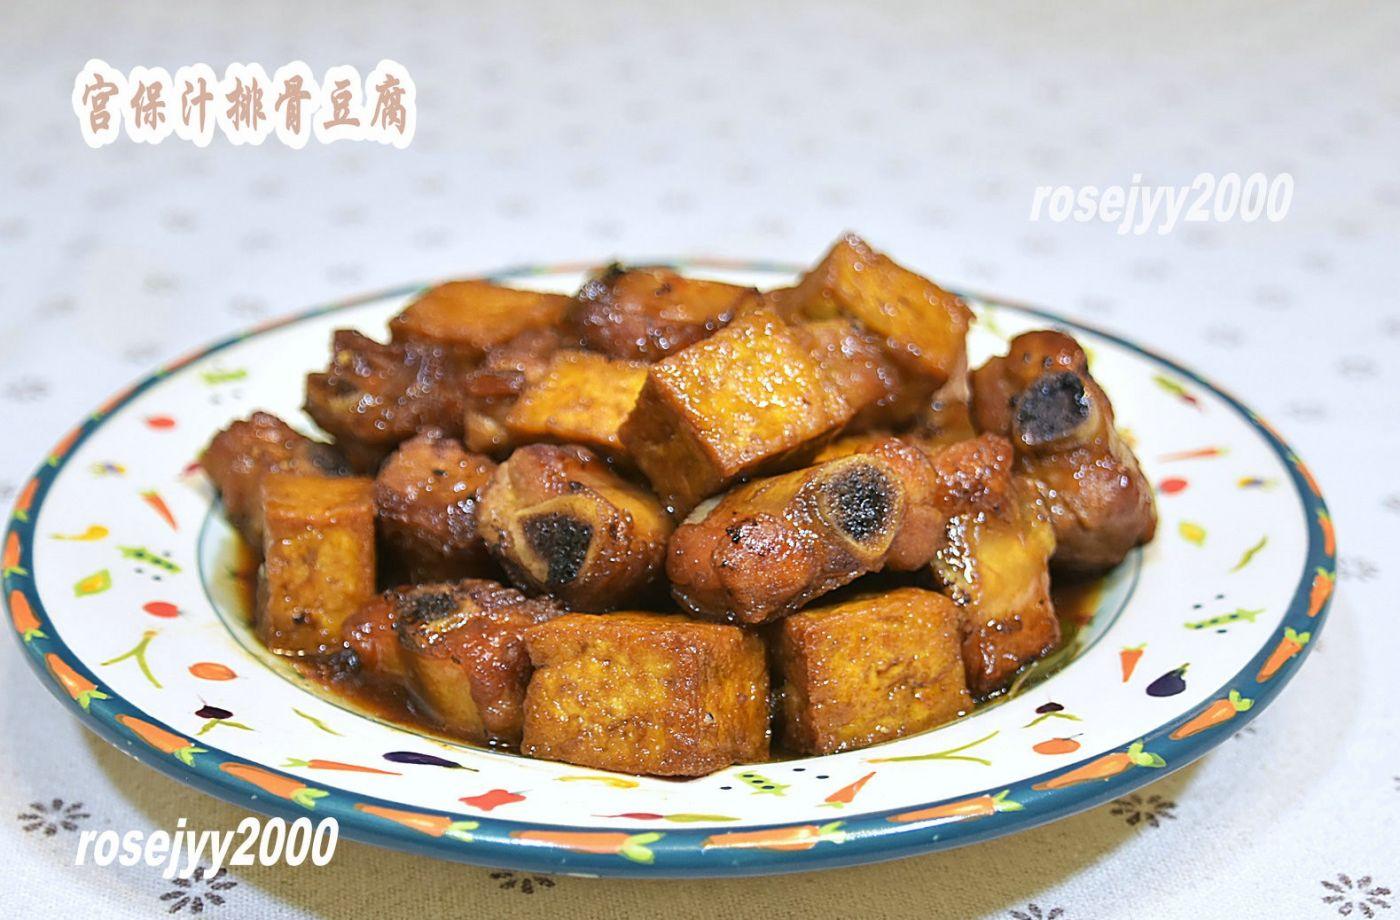 宫保汁排骨豆腐_图1-1